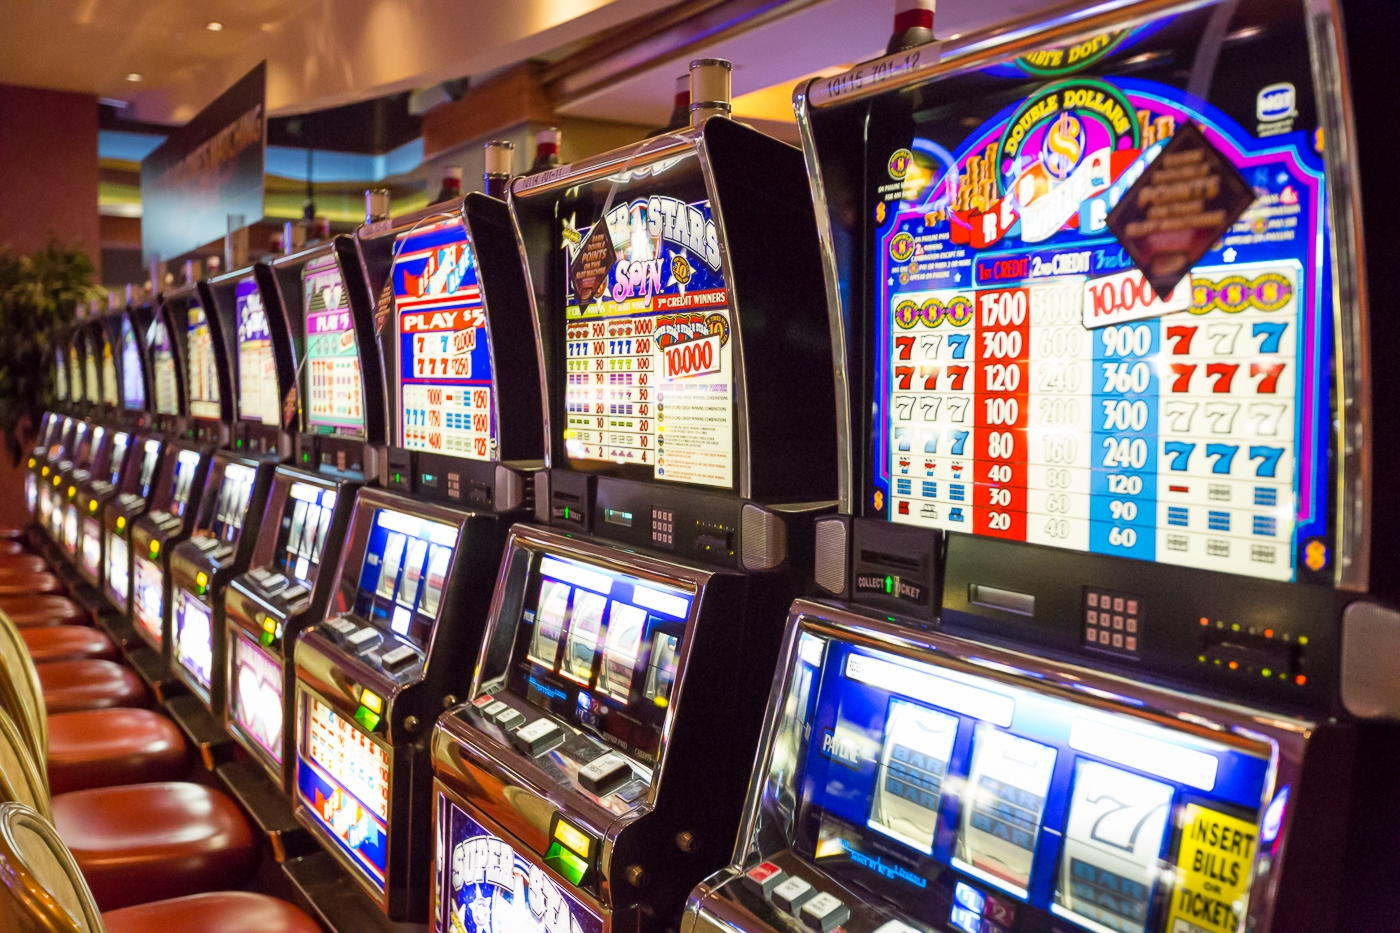 Eur 3330 No deposit casino bonus at Party Casino